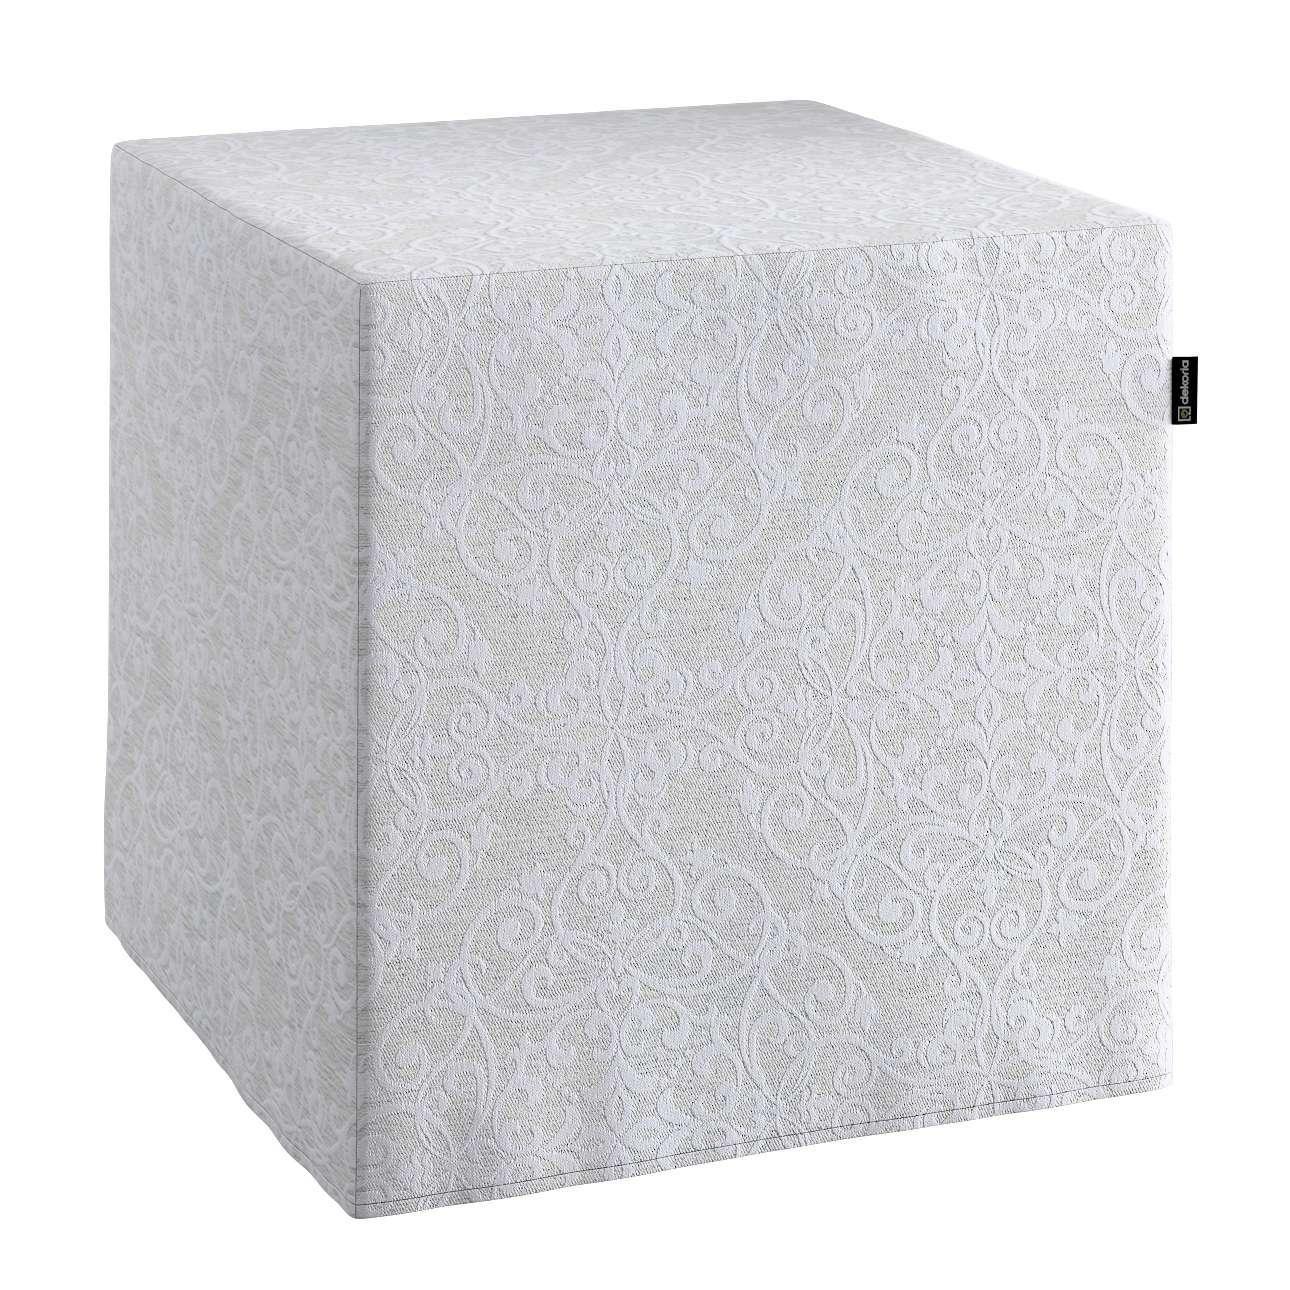 Bezug für Sitzwürfel Bezug für Sitzwürfel 40x40x40 cm von der Kollektion Venice, Stoff: 140-49